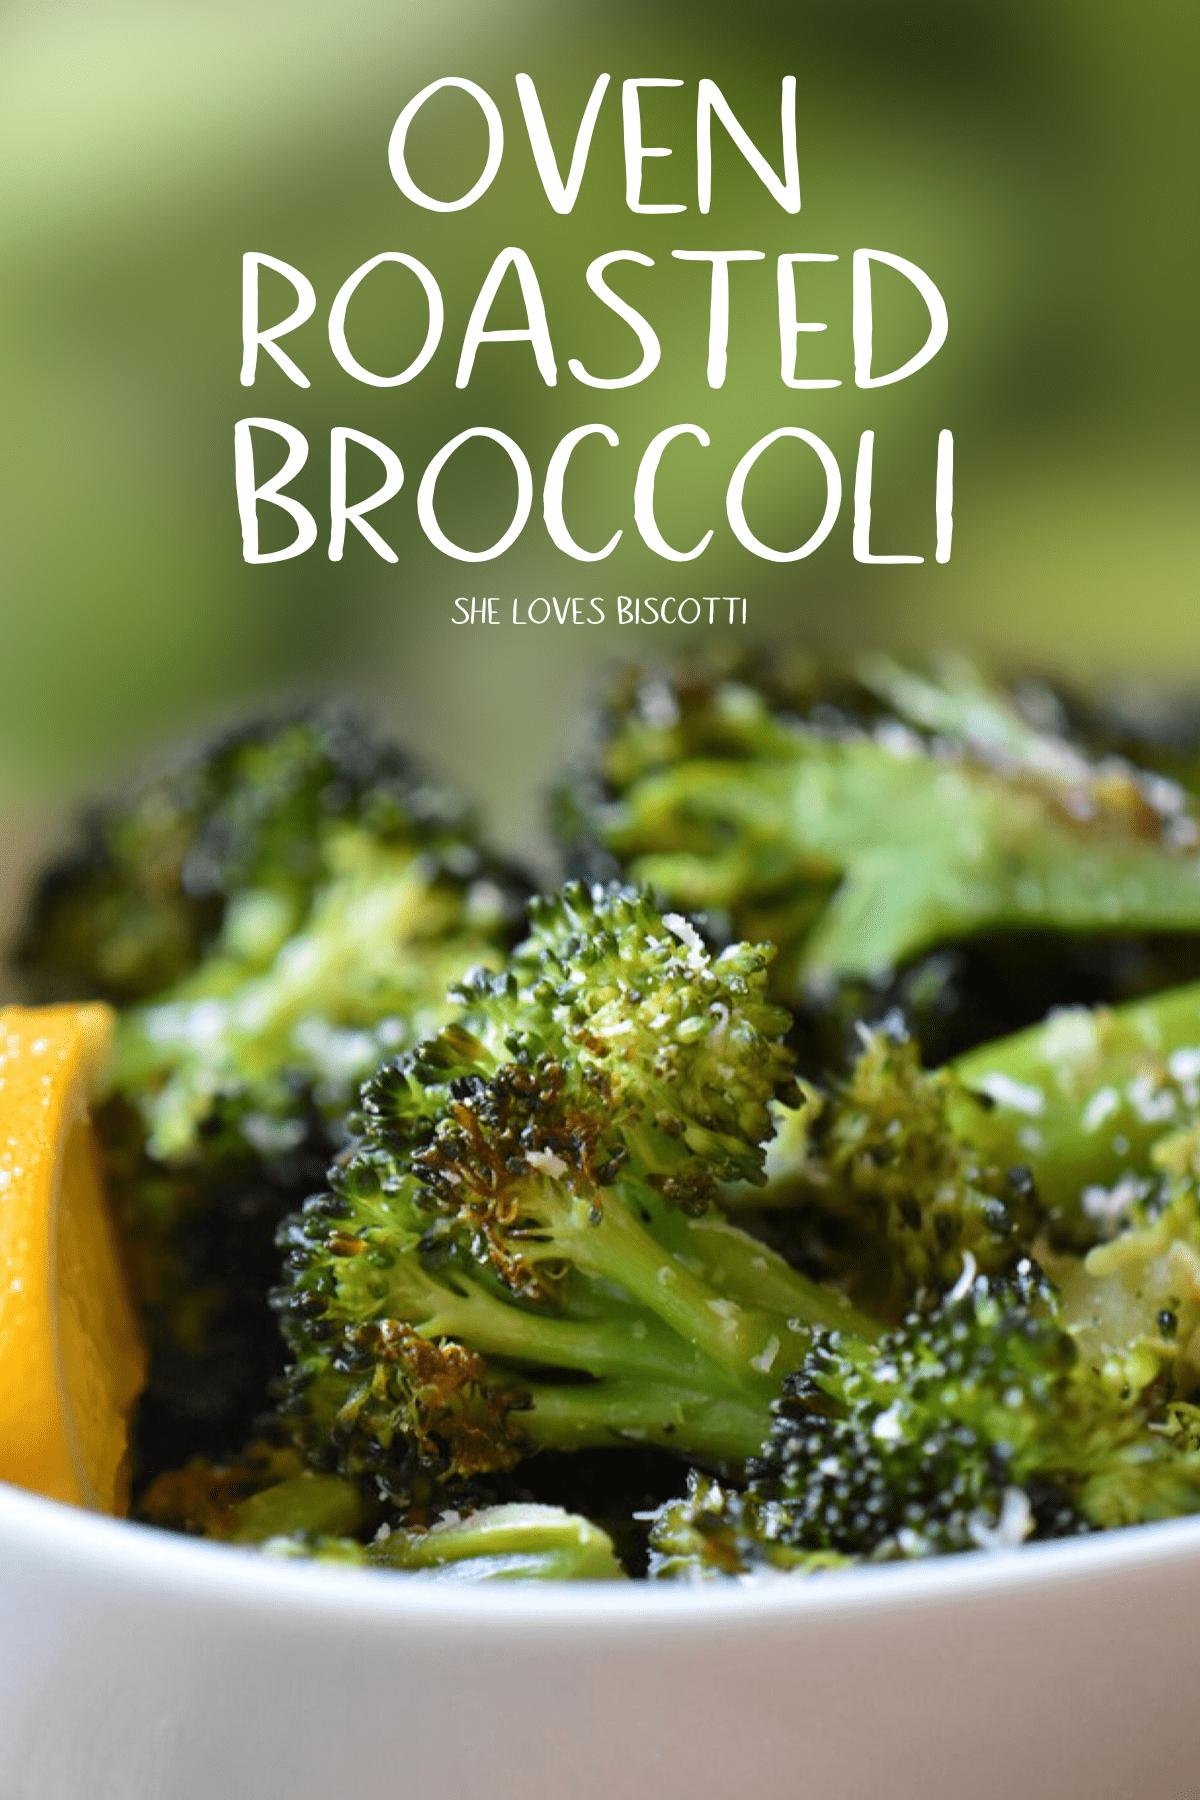 Oven Roasted Broccoli Recipe || Simple Oven Roasted Broccoli || Oven Roasted Broccoli Parmesan || Oven Roasted Broccoli Garlic || Oven Roasted Broccoli Healthy #shelovesbiscotti #broccoli #ovenroastedbroccoli #sidedishrecipe #simplesidedish #garlicroastedbroccoli #broccoliside #roastedbroccoli